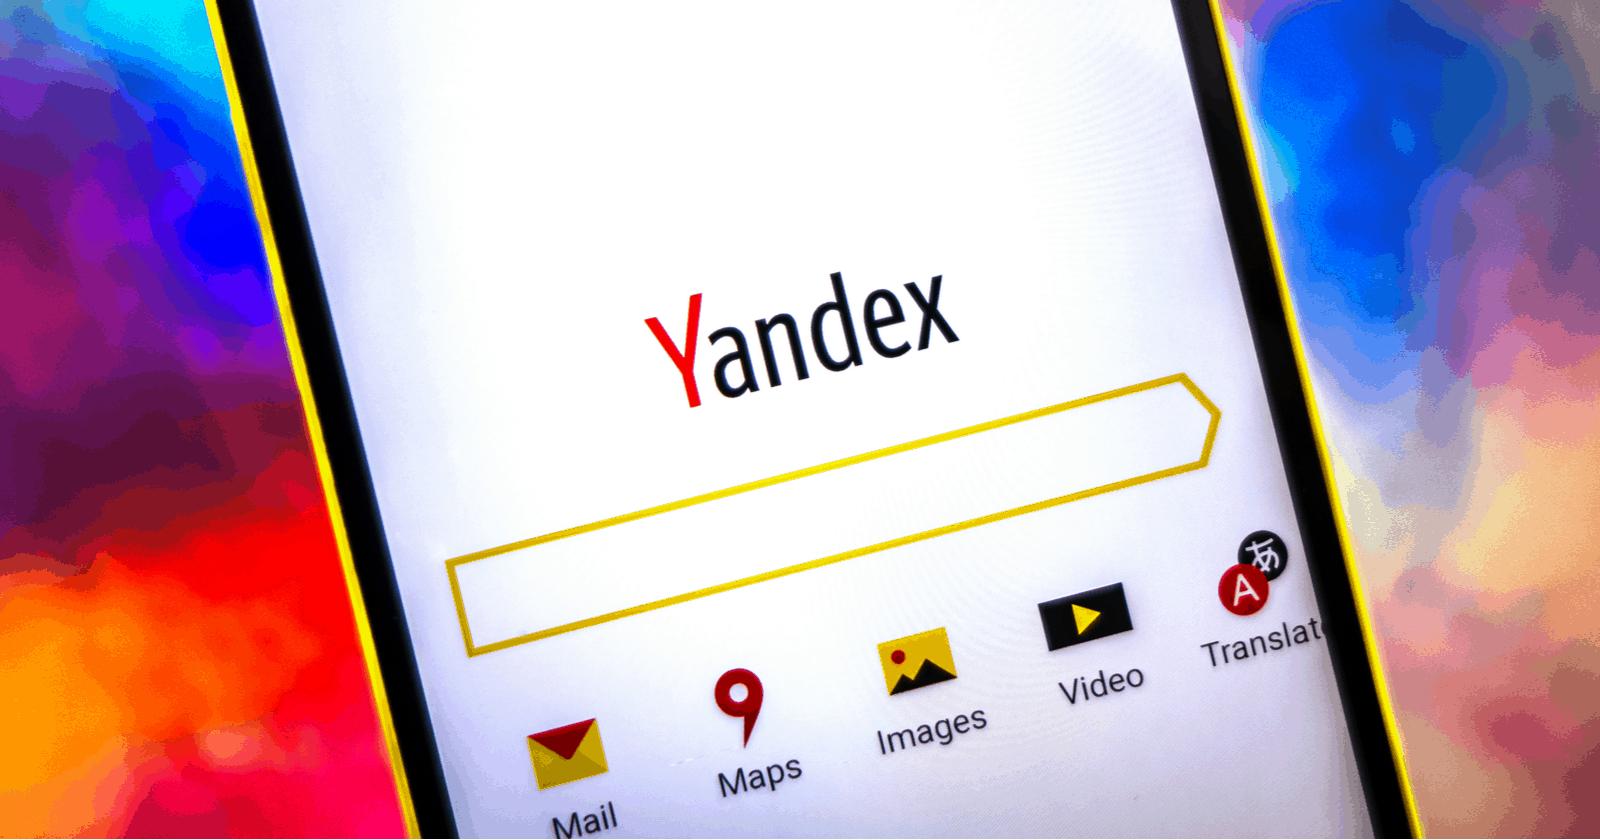 your yandex rank